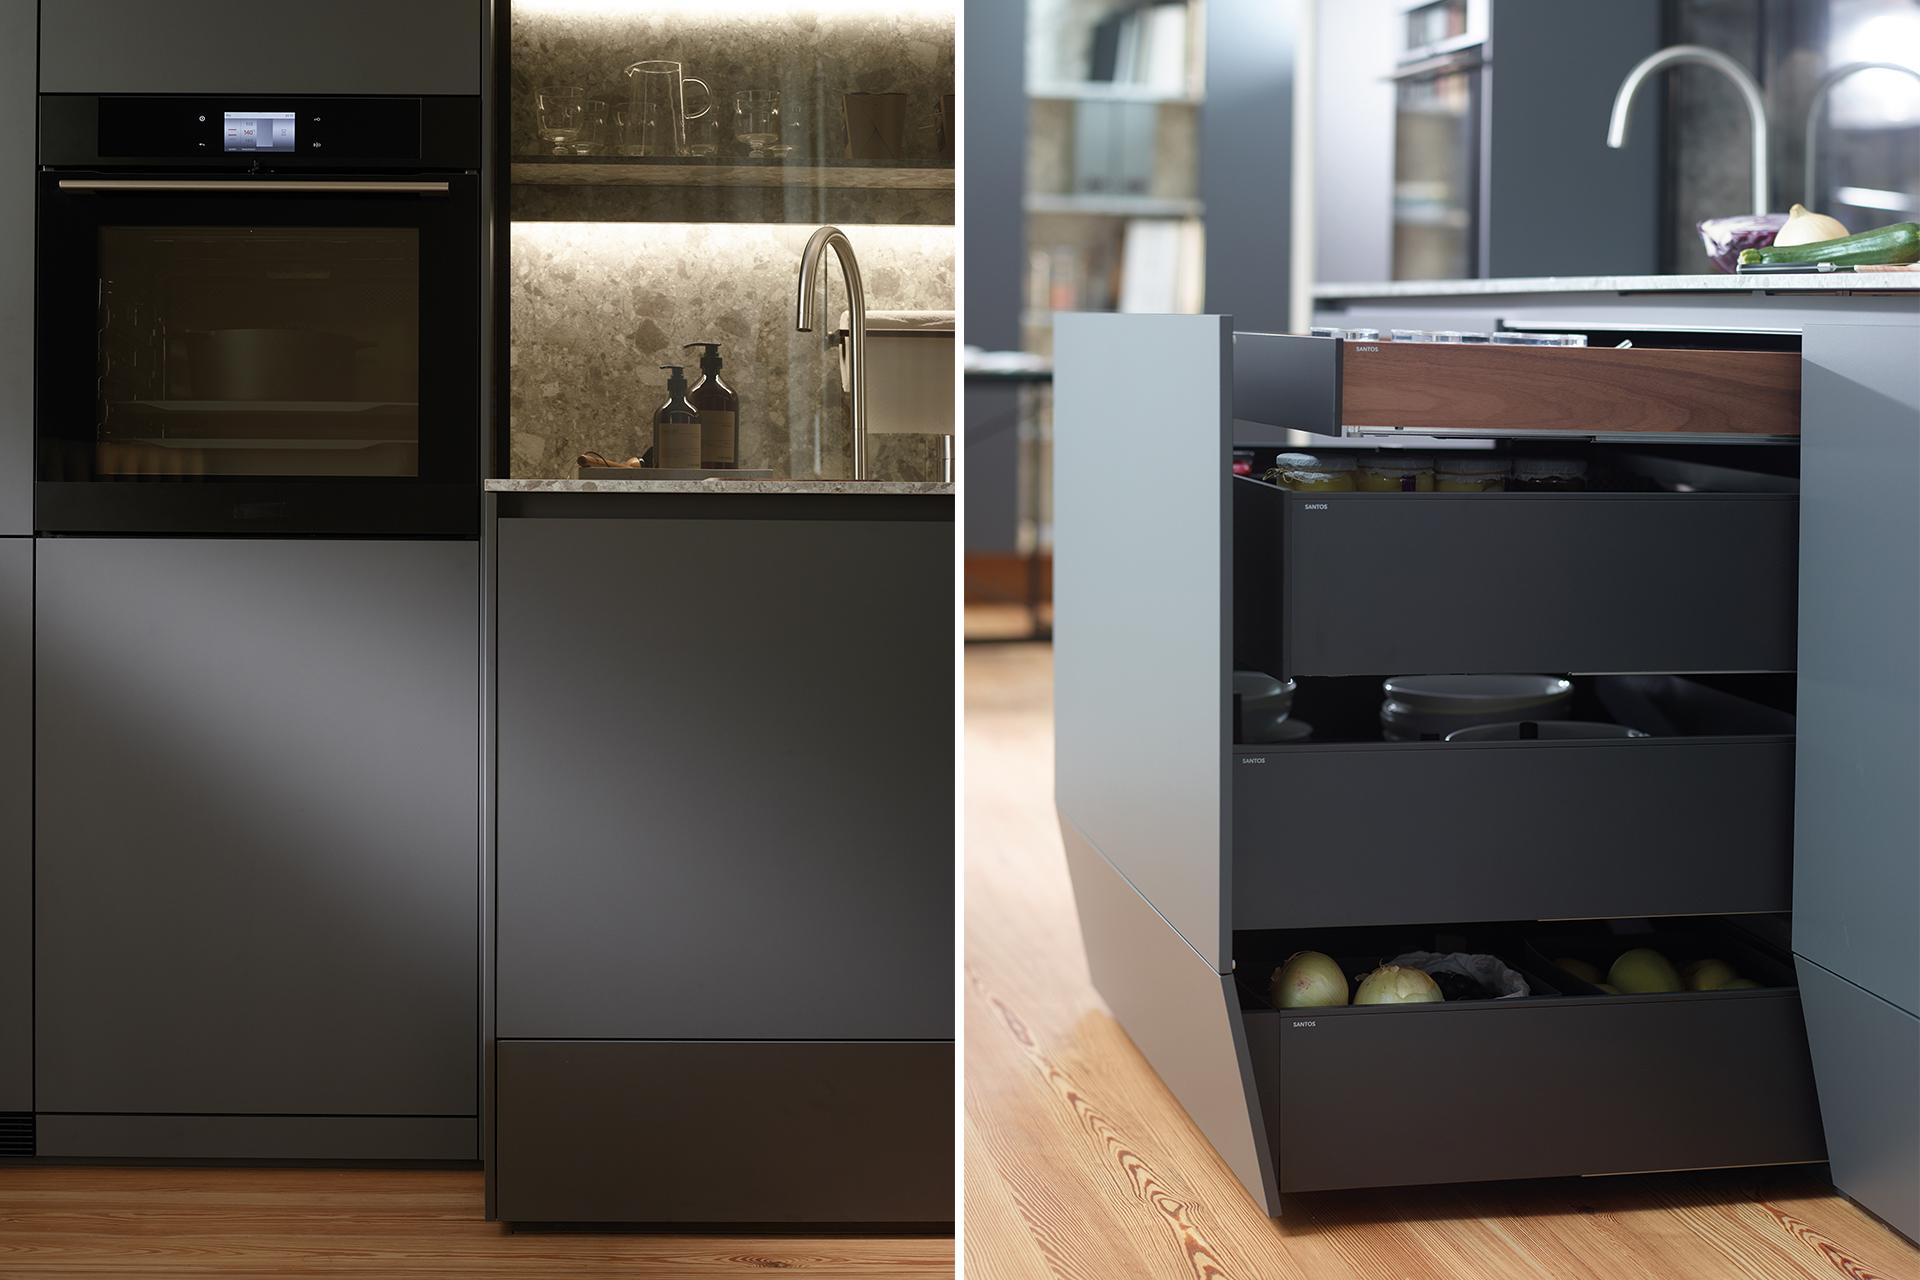 Keuken met vloerlade ontworpen door Santos